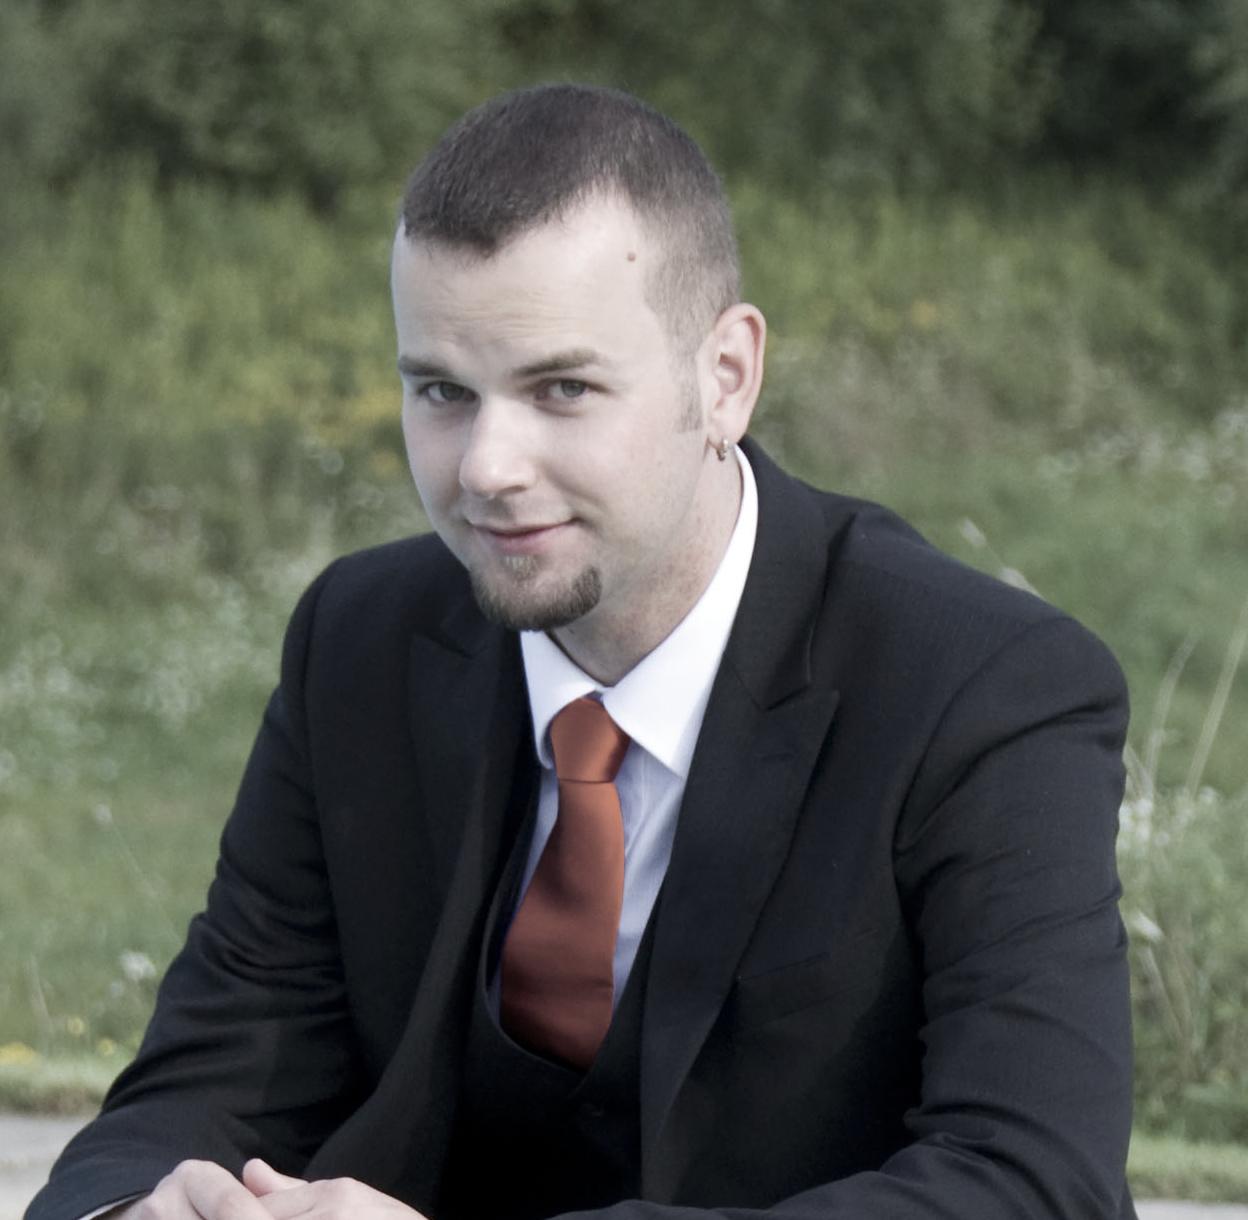 Dave Dean